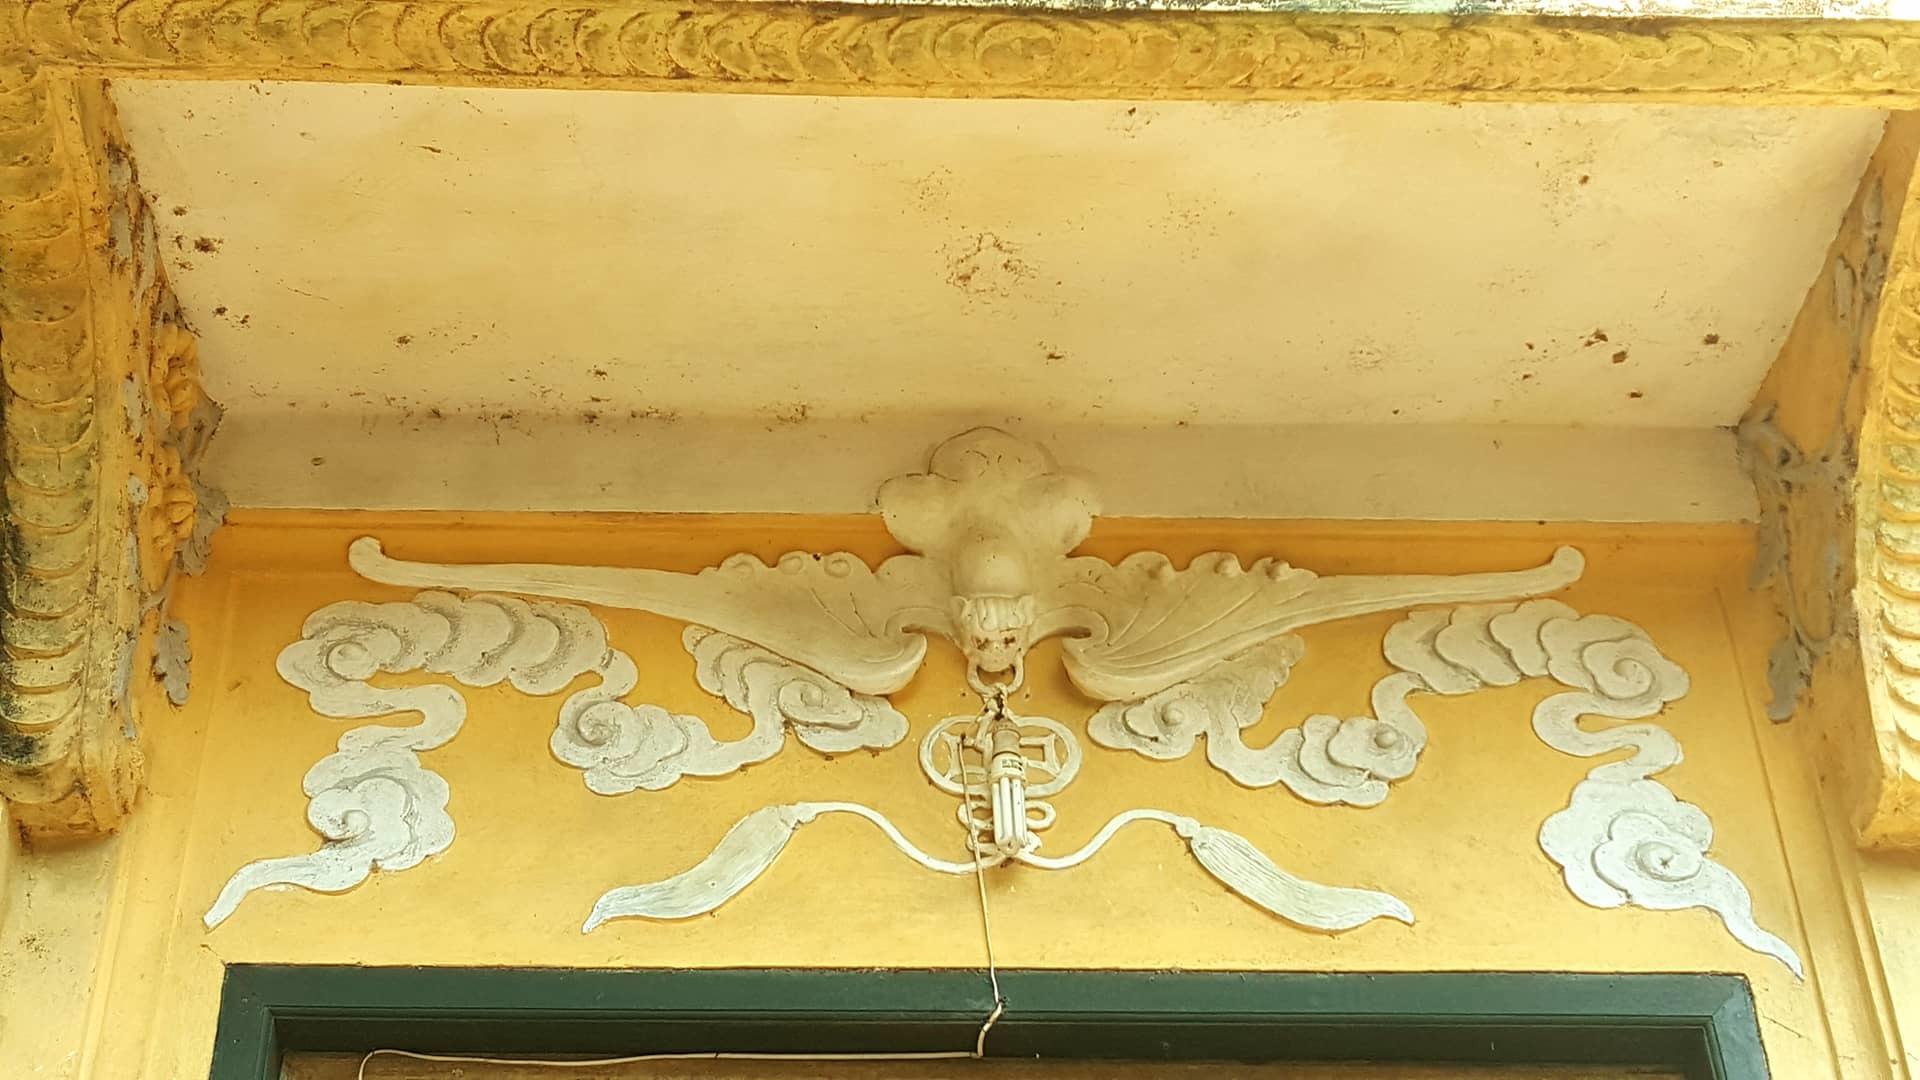 Phía ngoài cửa chính là phù điêu hình con dơi ngậm đồng tiền.Hình ảnh này mang ý nghĩa